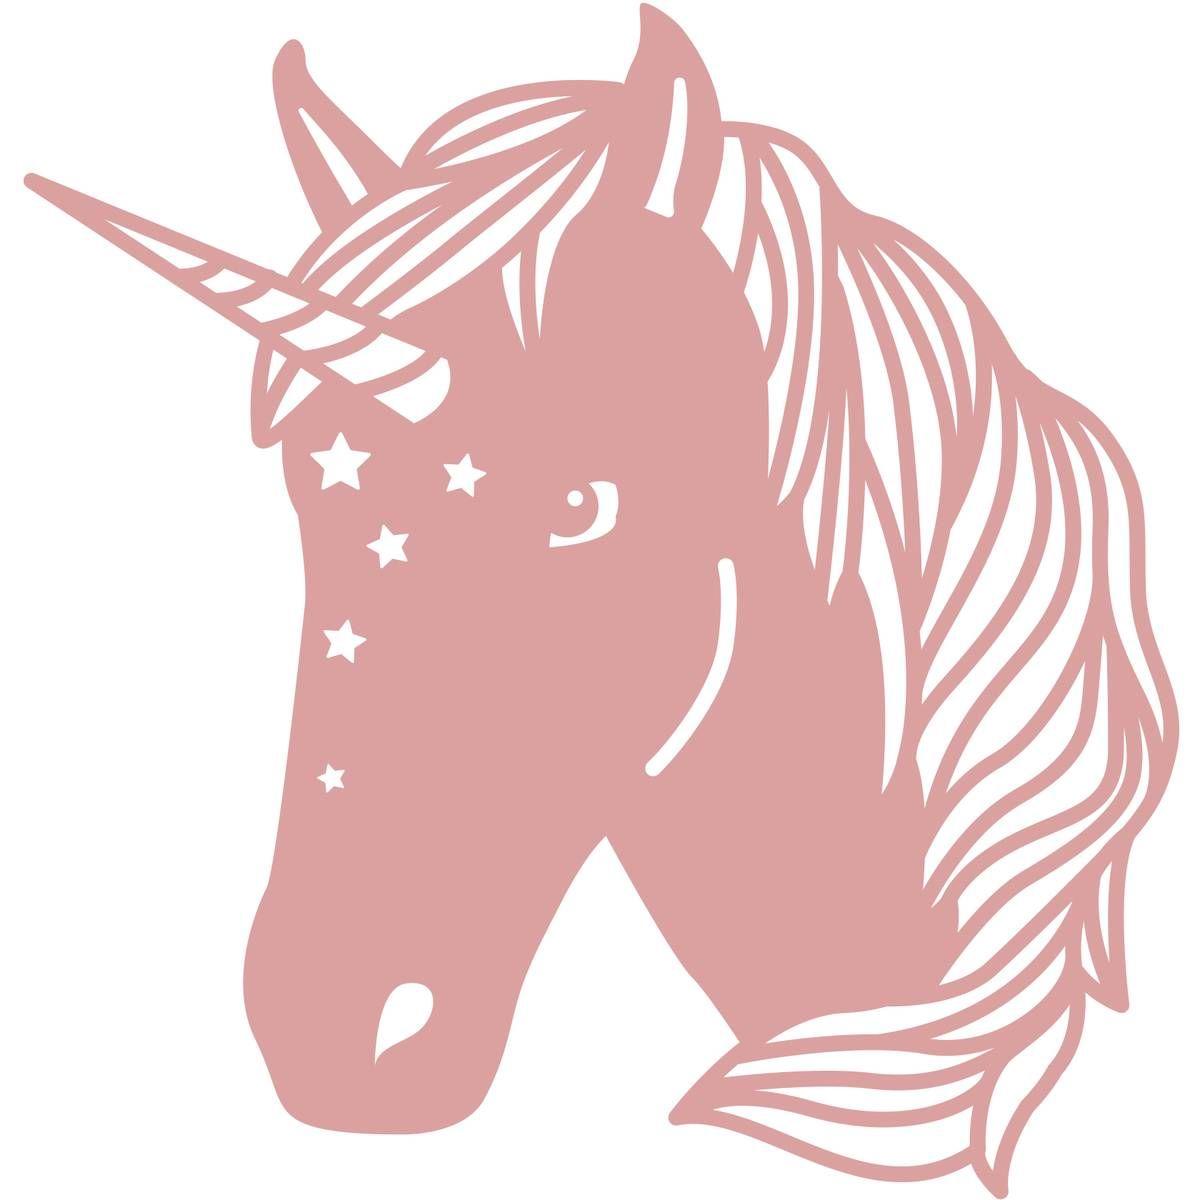 Intricut Unicorn Die 7 6cm X 7 3cm Cameo Svg